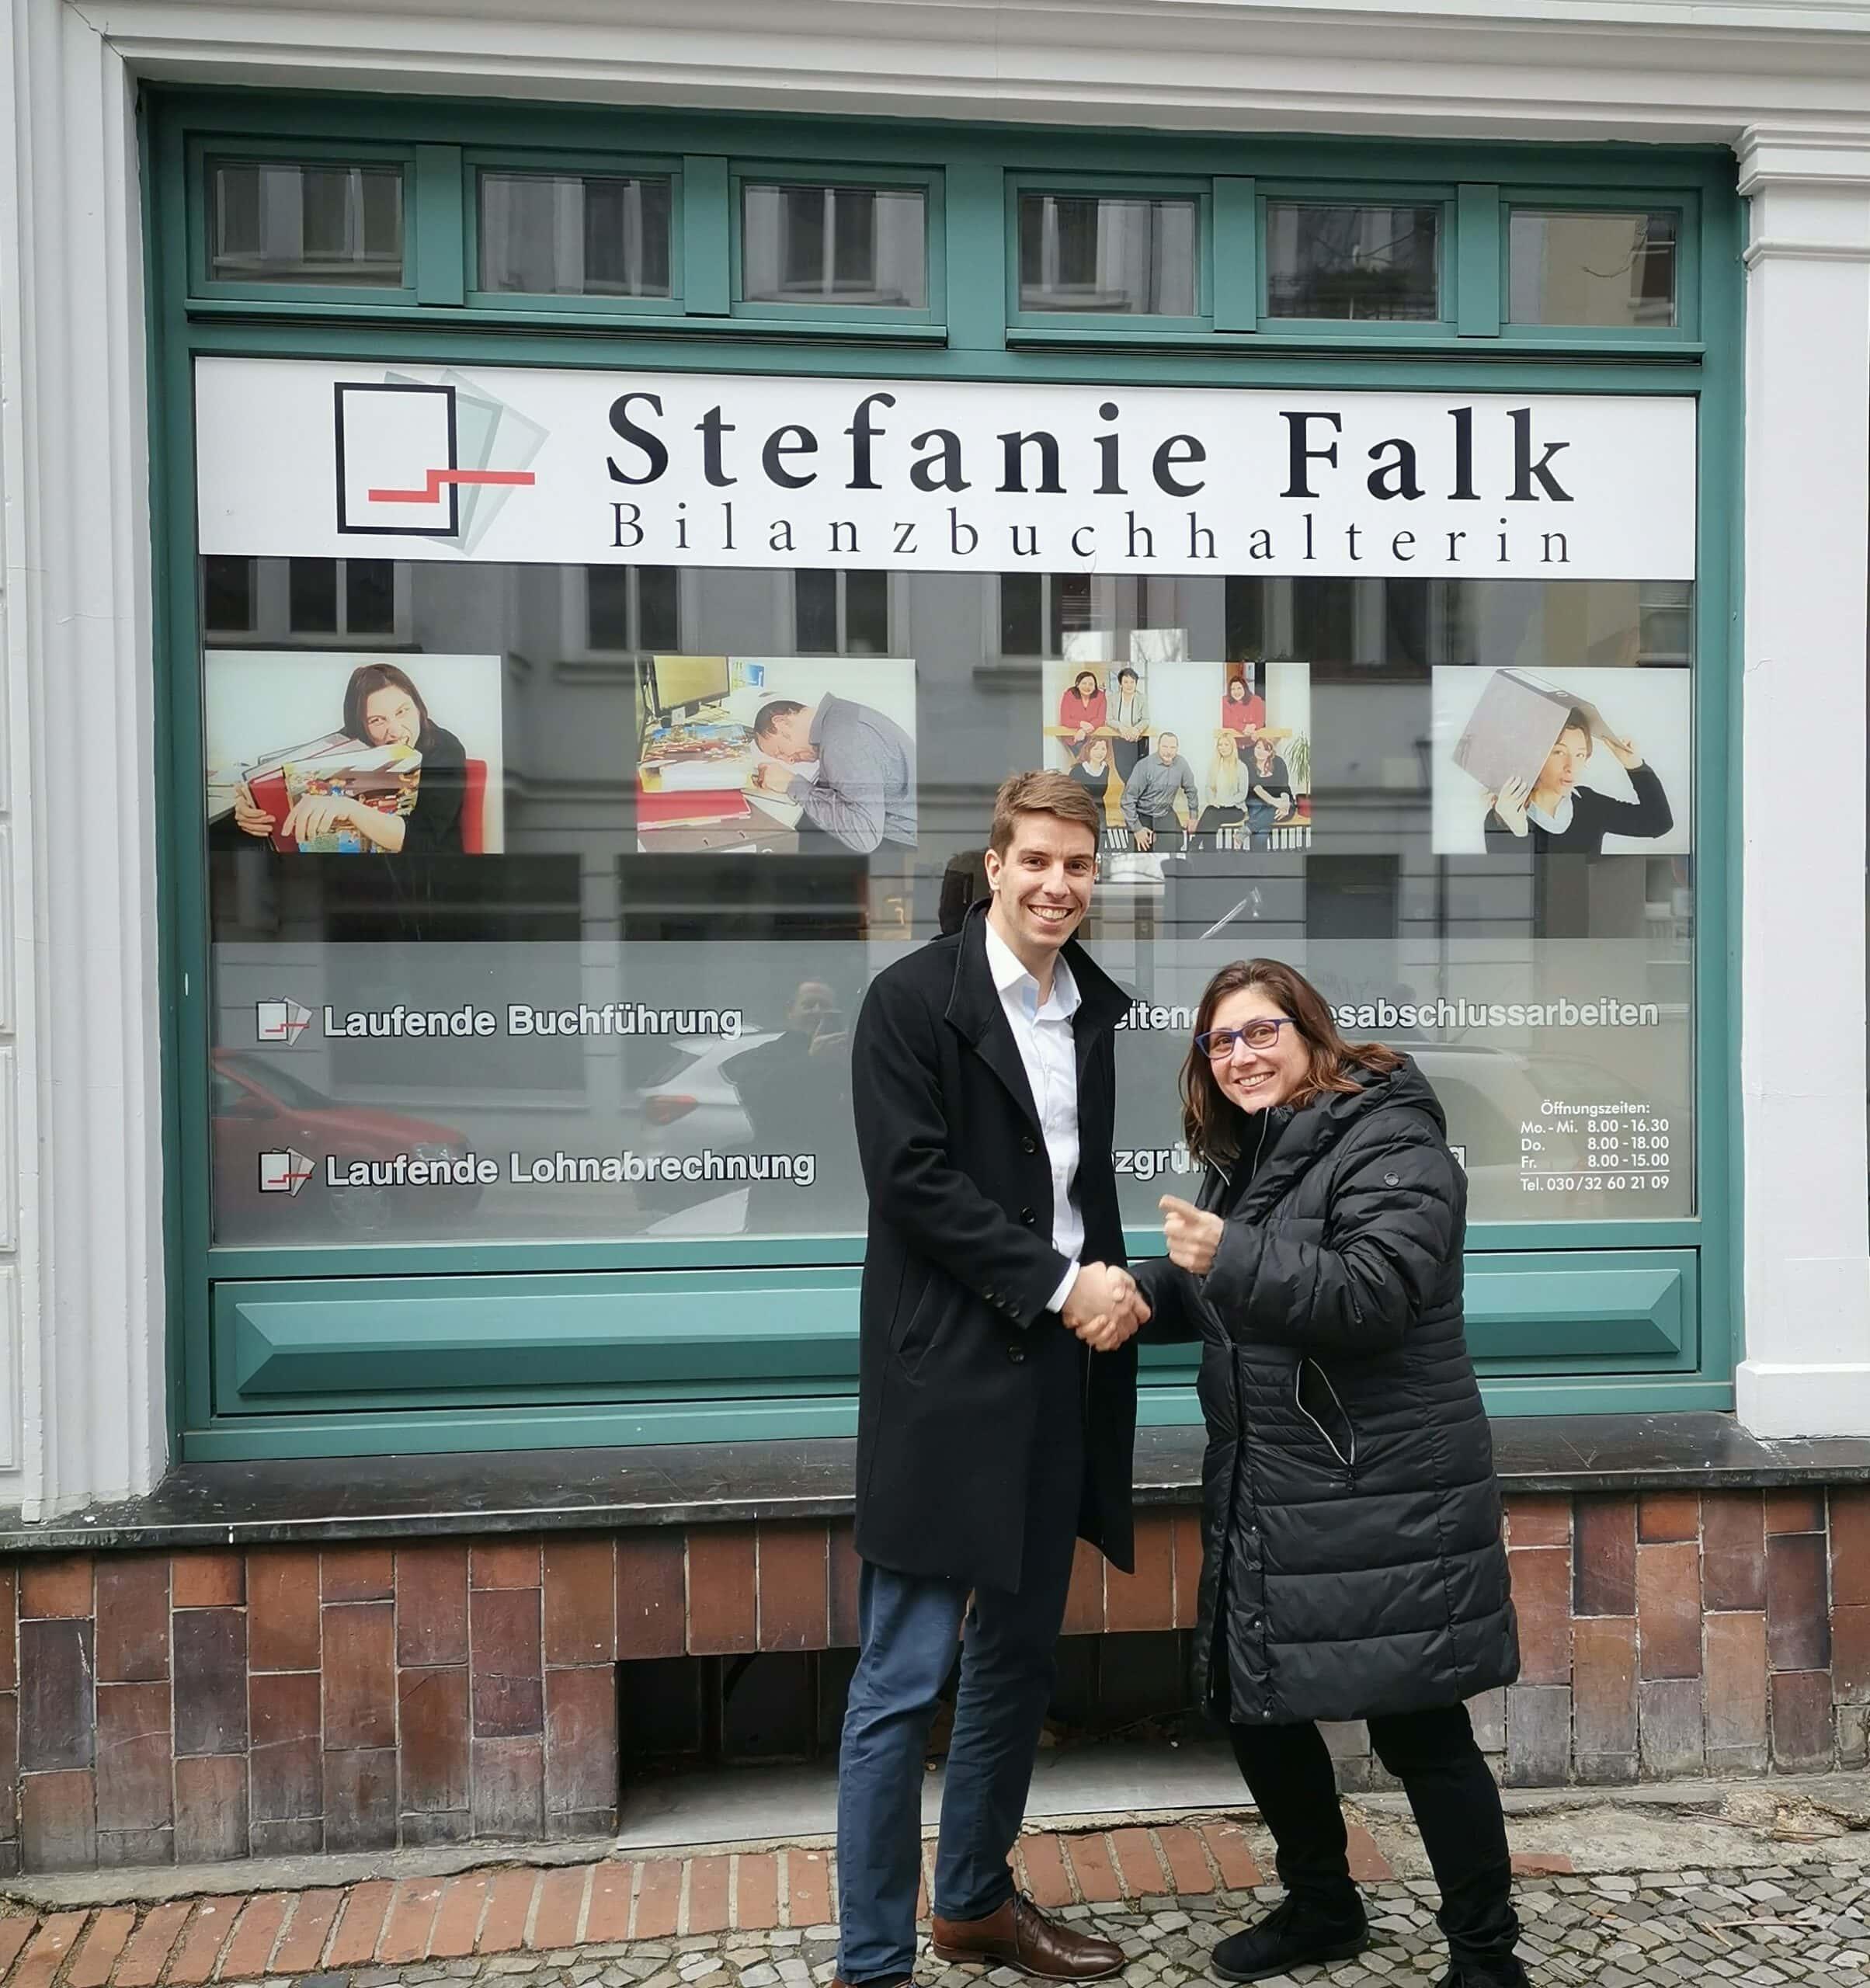 Testimonial von Stefanie Falk - Justbibu.de